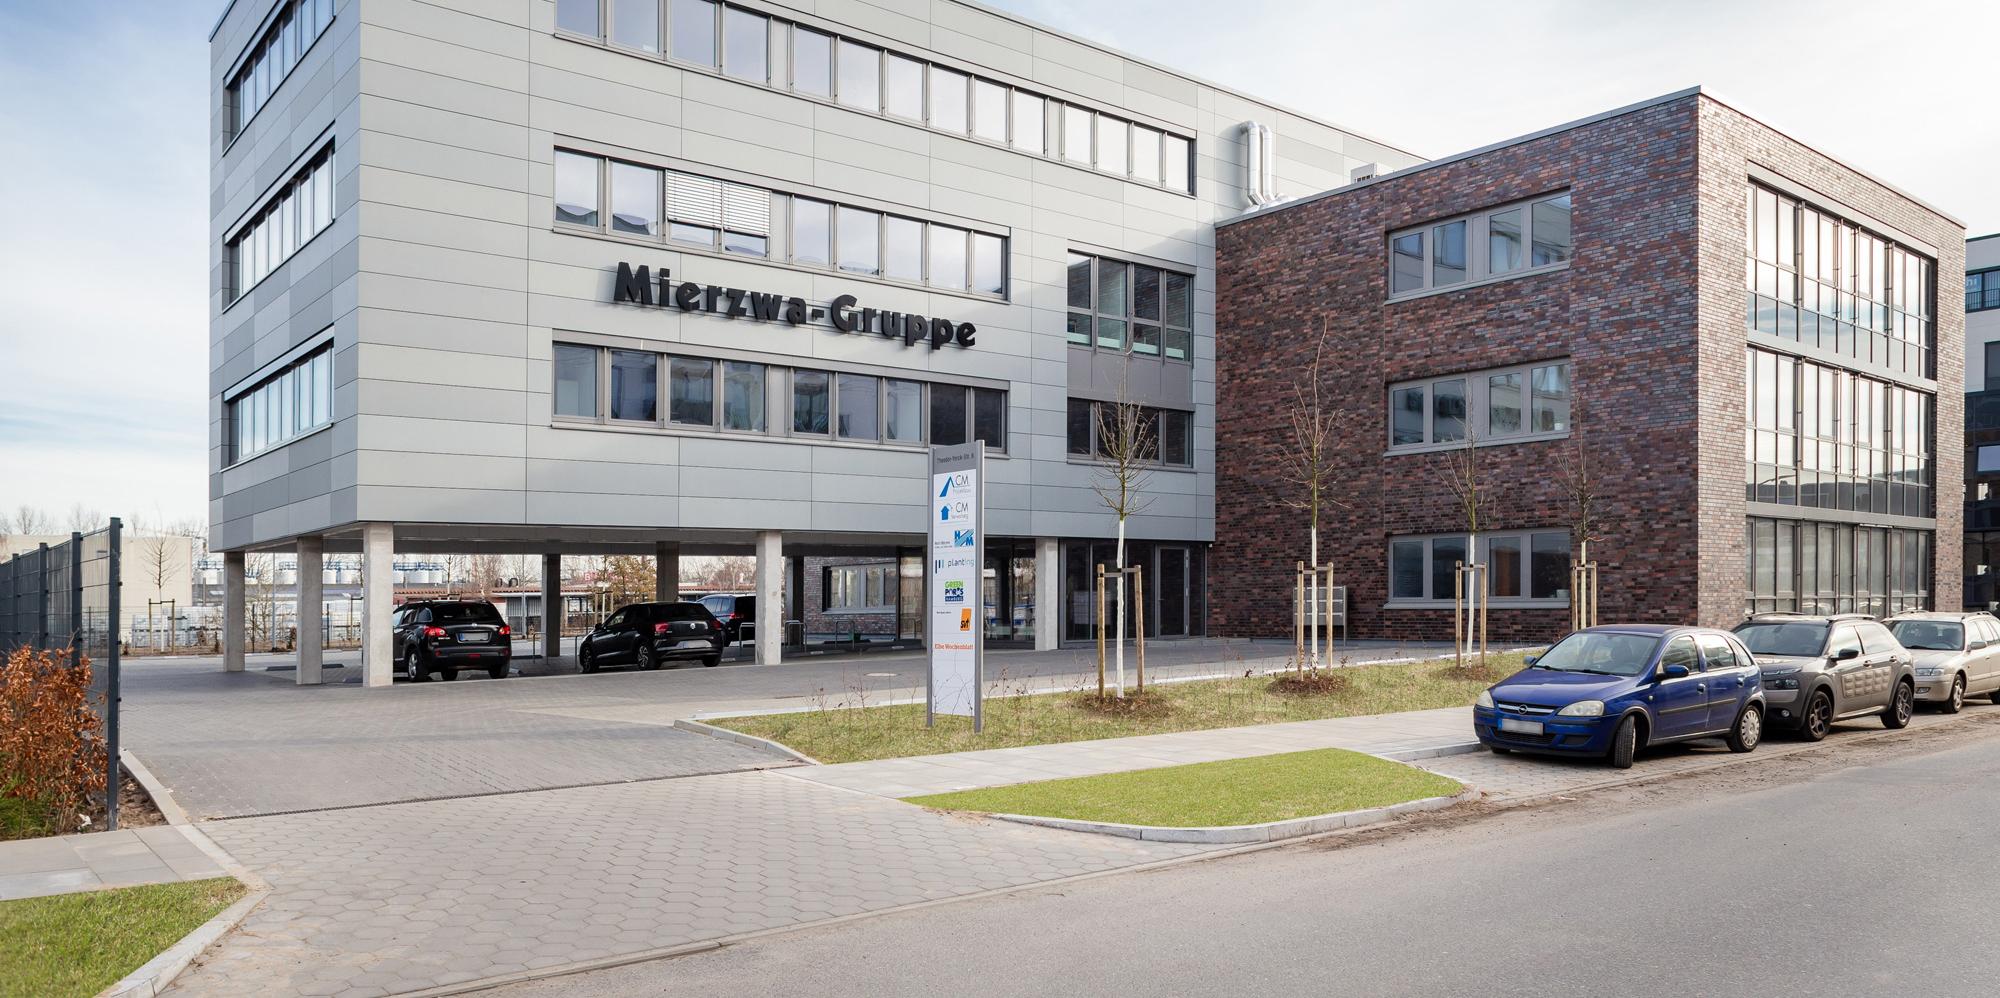 https://www.cm-projektbau.de/wp-content/uploads/2020/06/2019-02-25-Theodor-Yorck-Straße-1-2-1.jpg